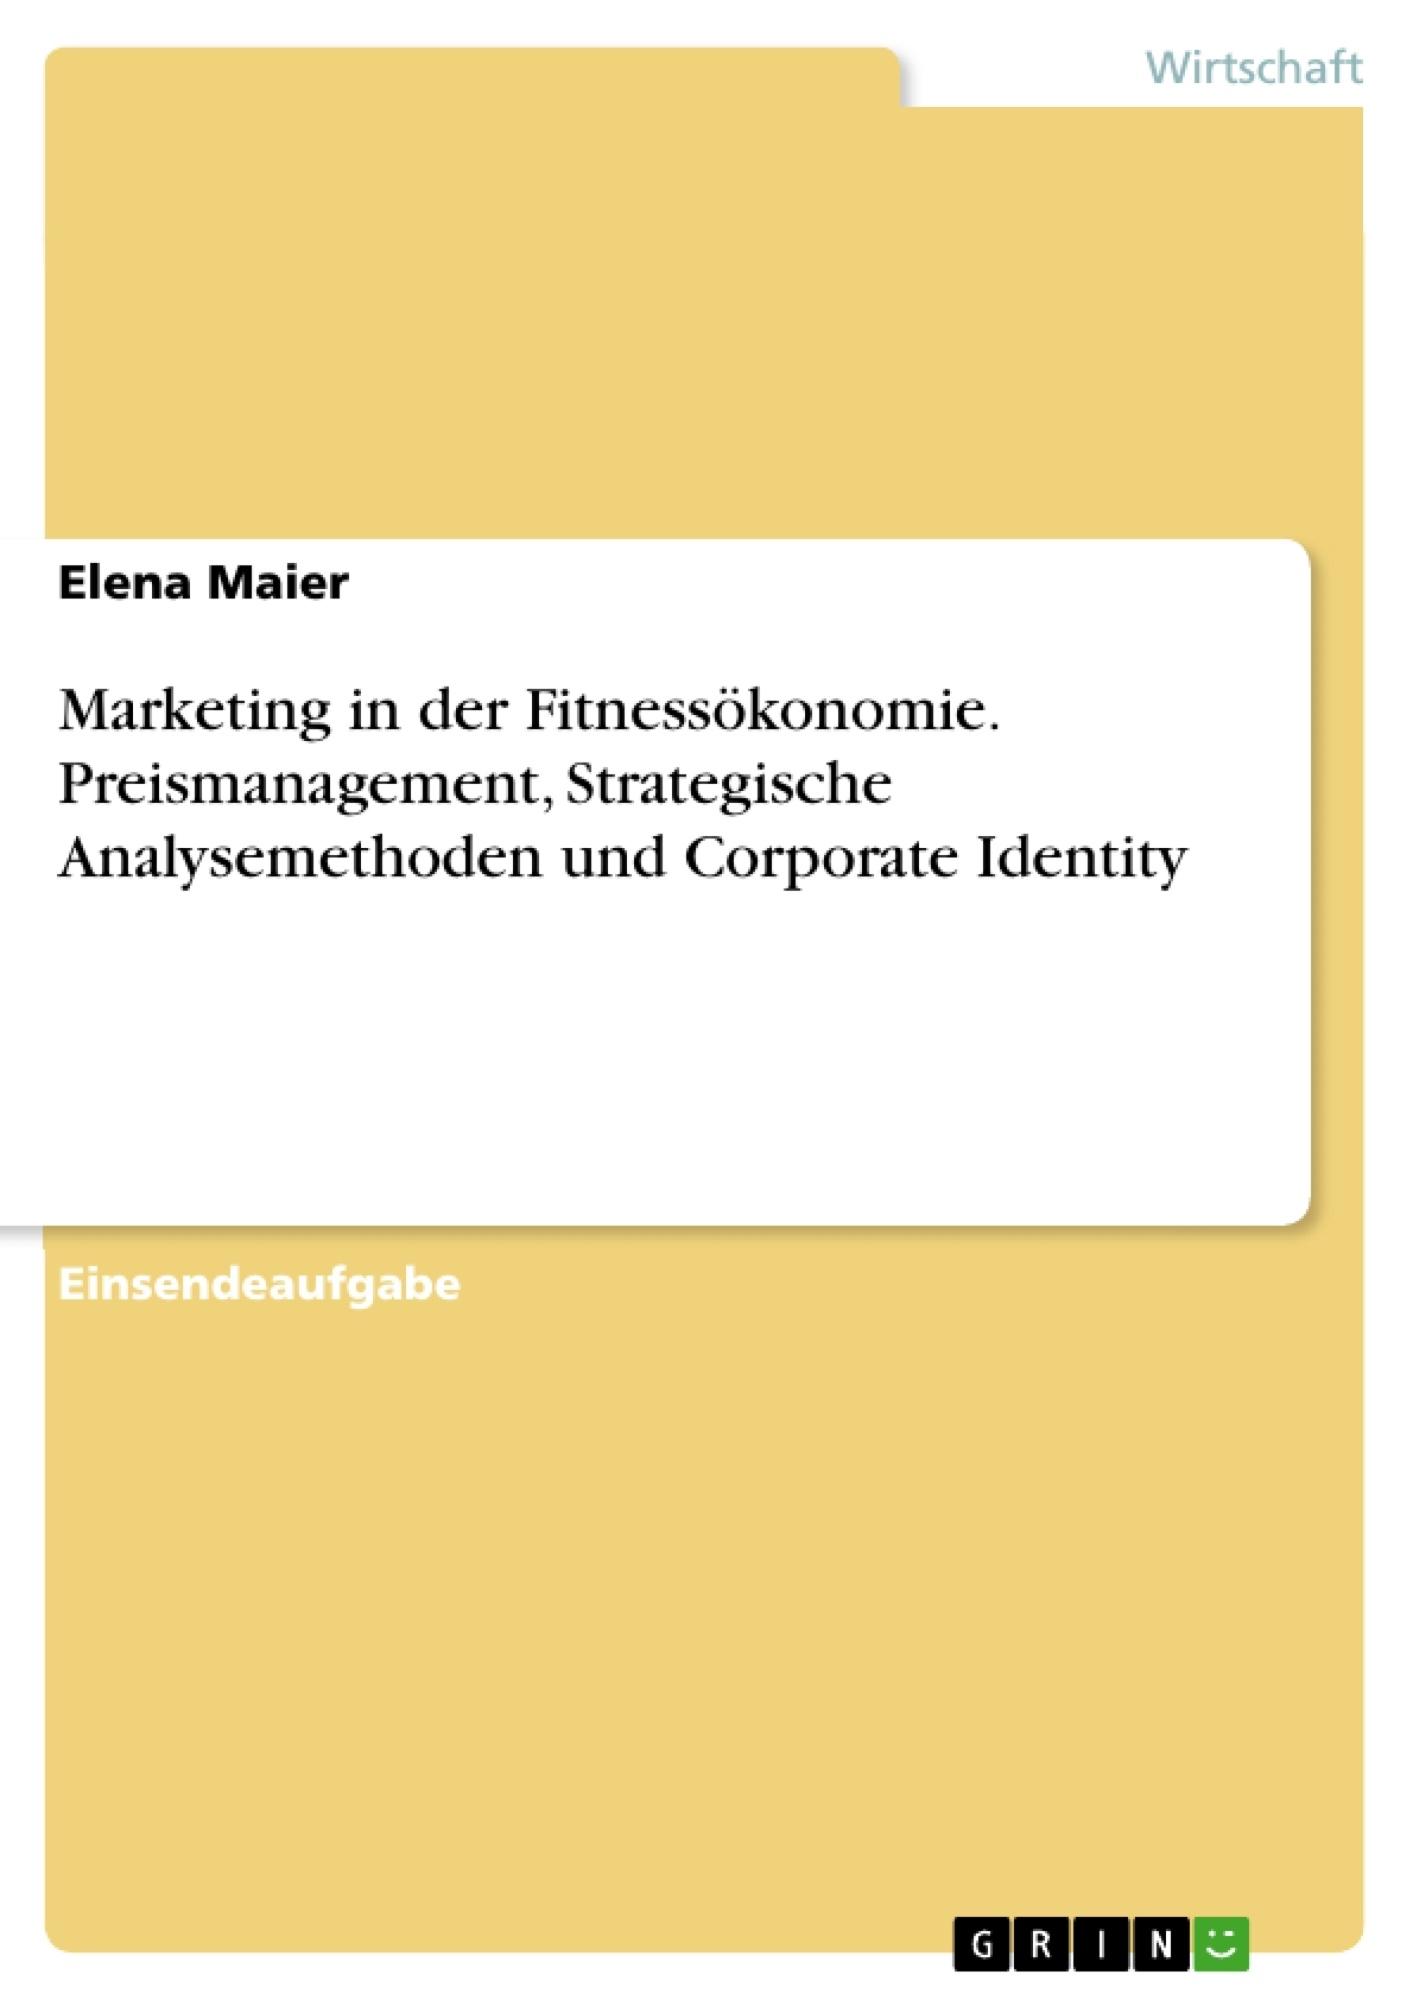 Titel: Marketing in der Fitnessökonomie. Preismanagement, Strategische Analysemethoden und Corporate Identity